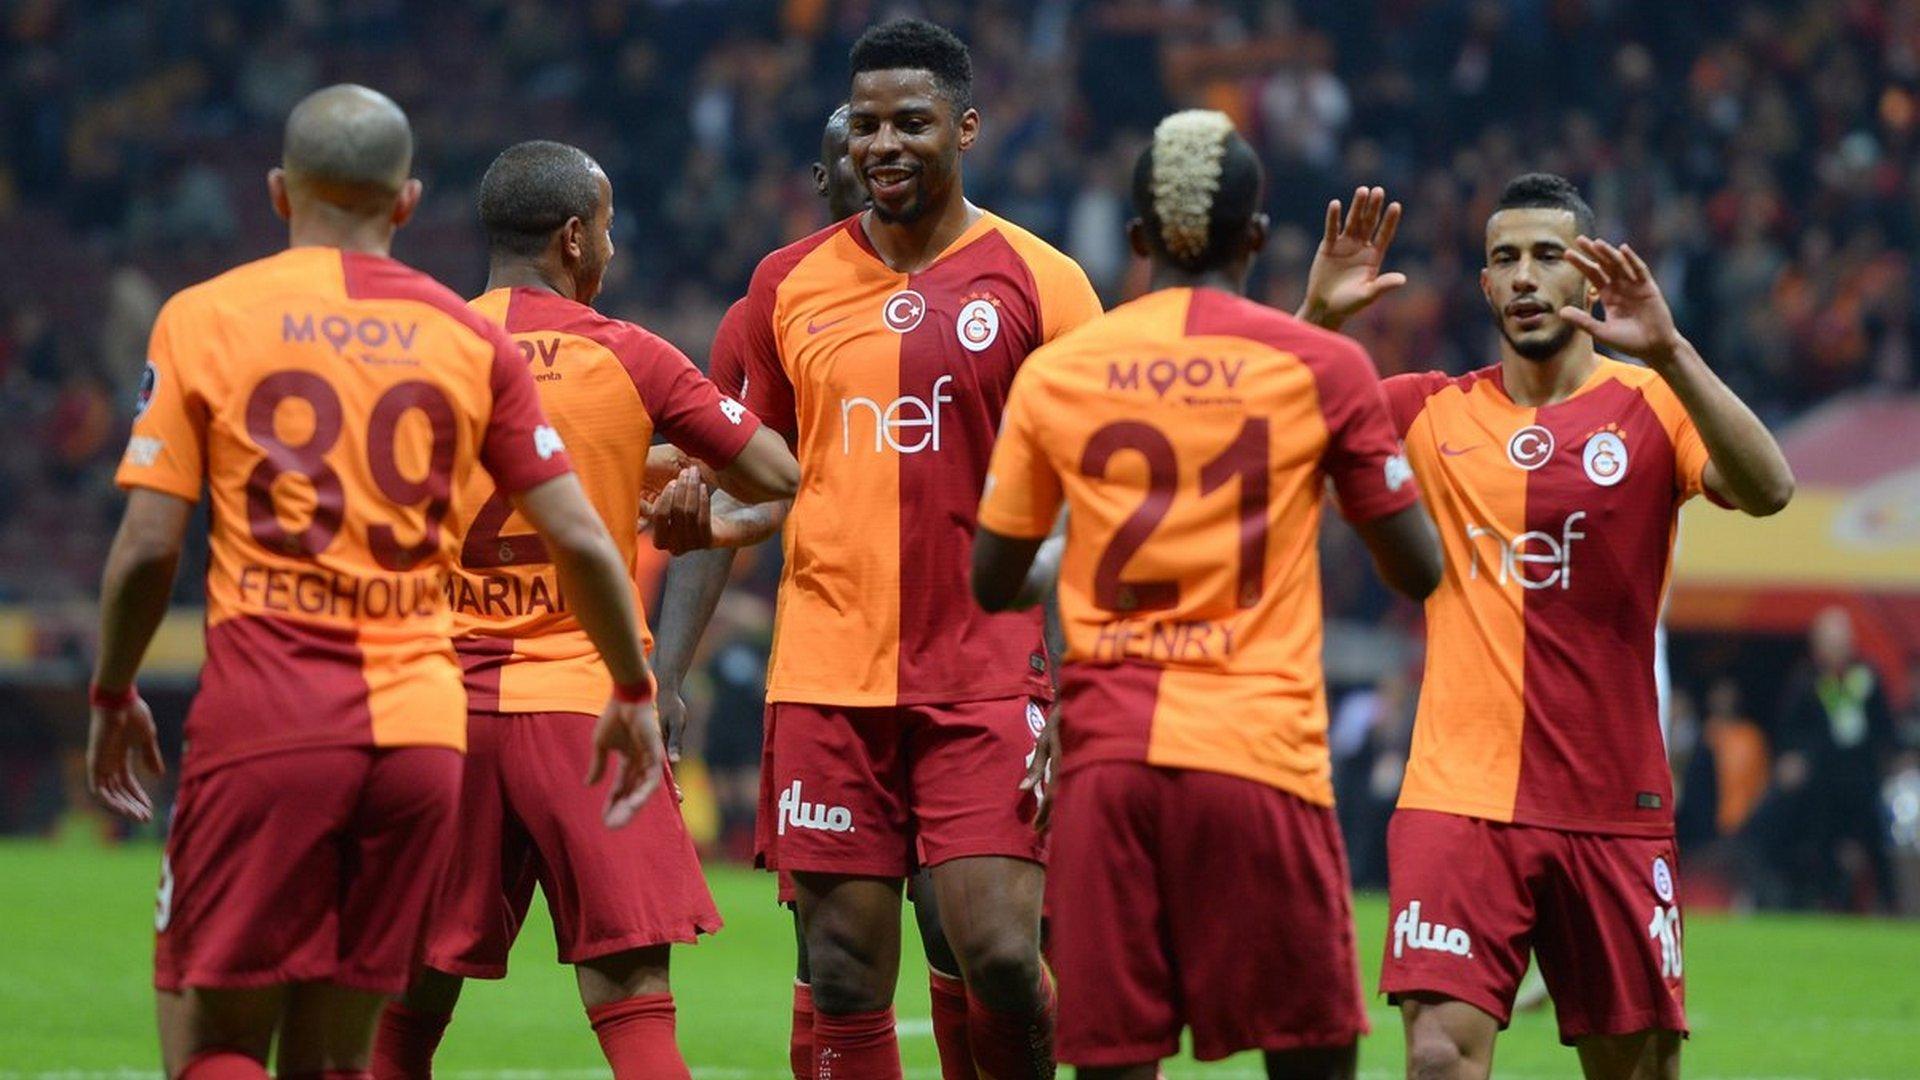 'Galatasaraylı futbolcuya şok! Polis peşini bırakmadı